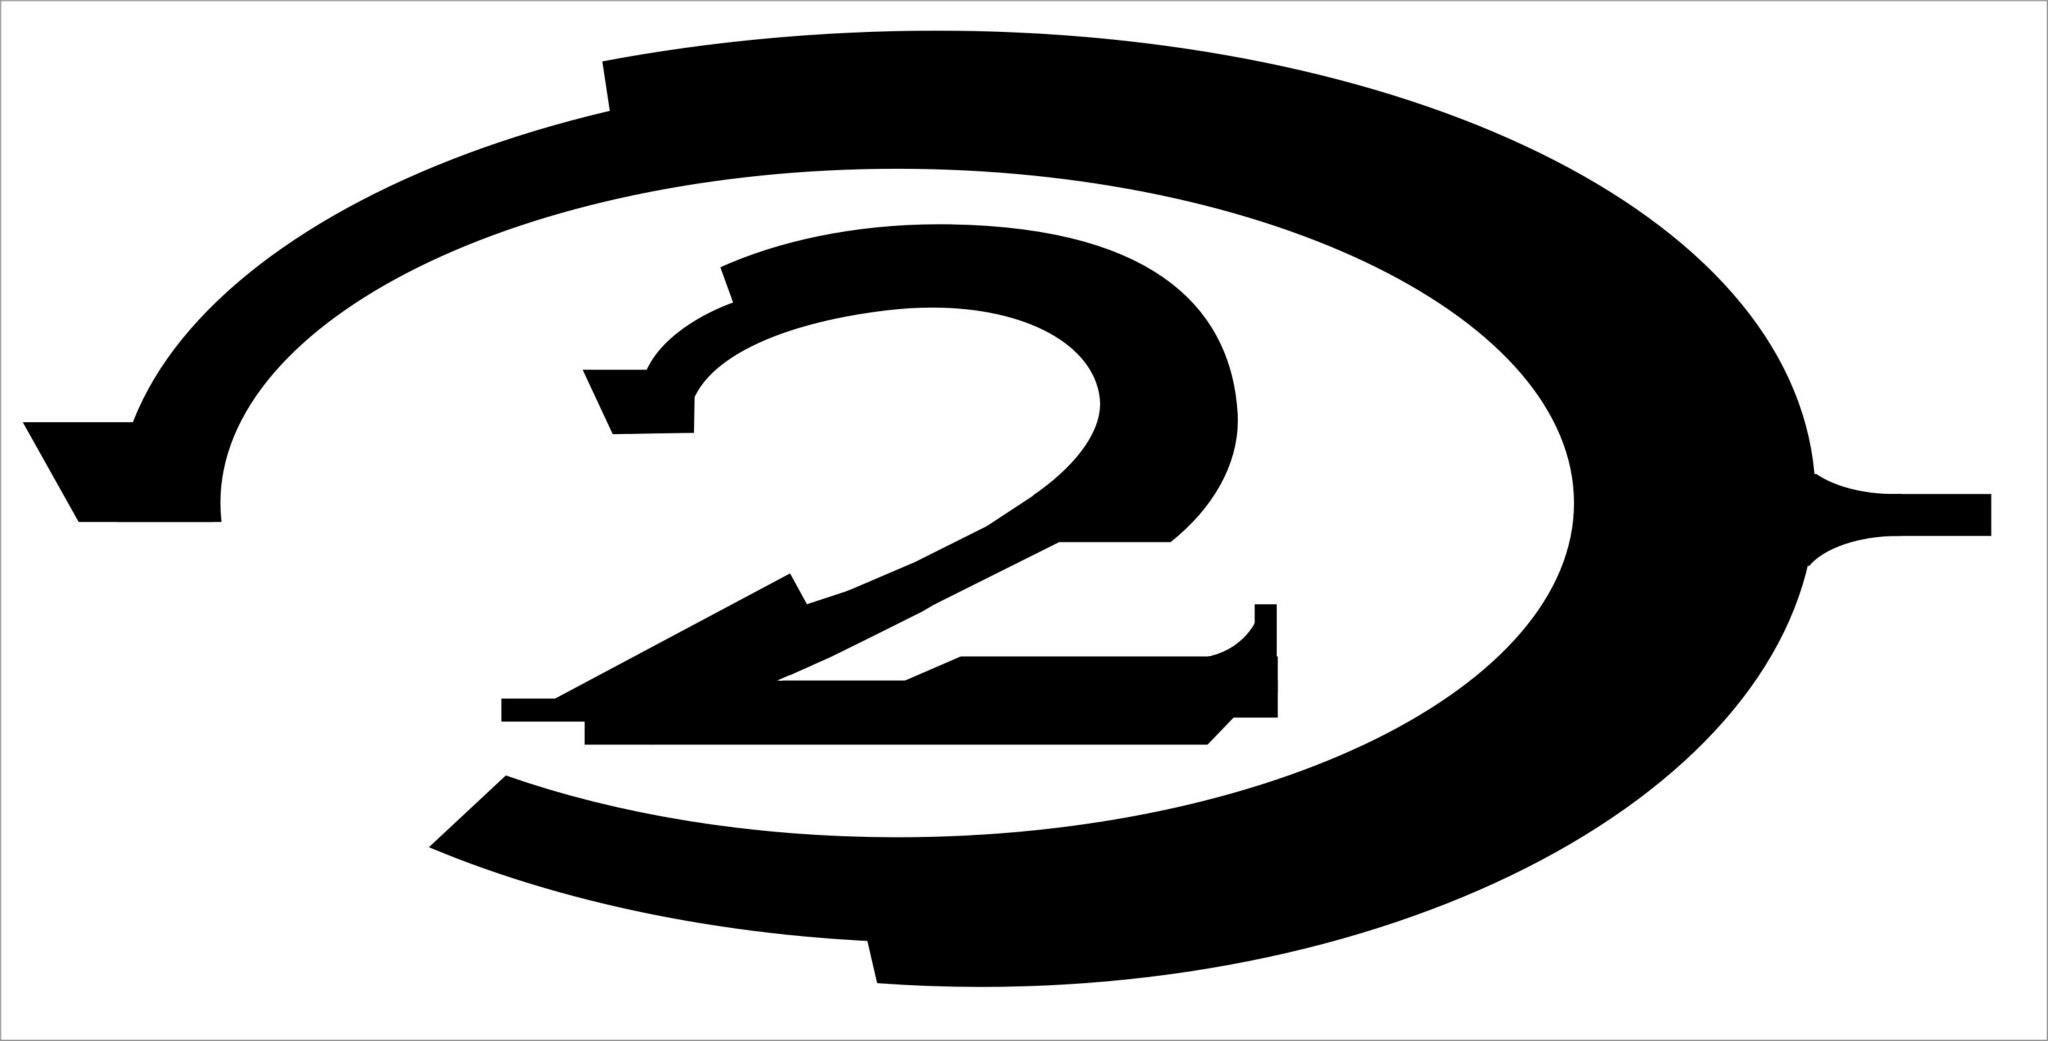 Pin De Nanote Navarrete Mazzotti En Game Logo Logotipos Caballos Punto De Cruz Simbolos